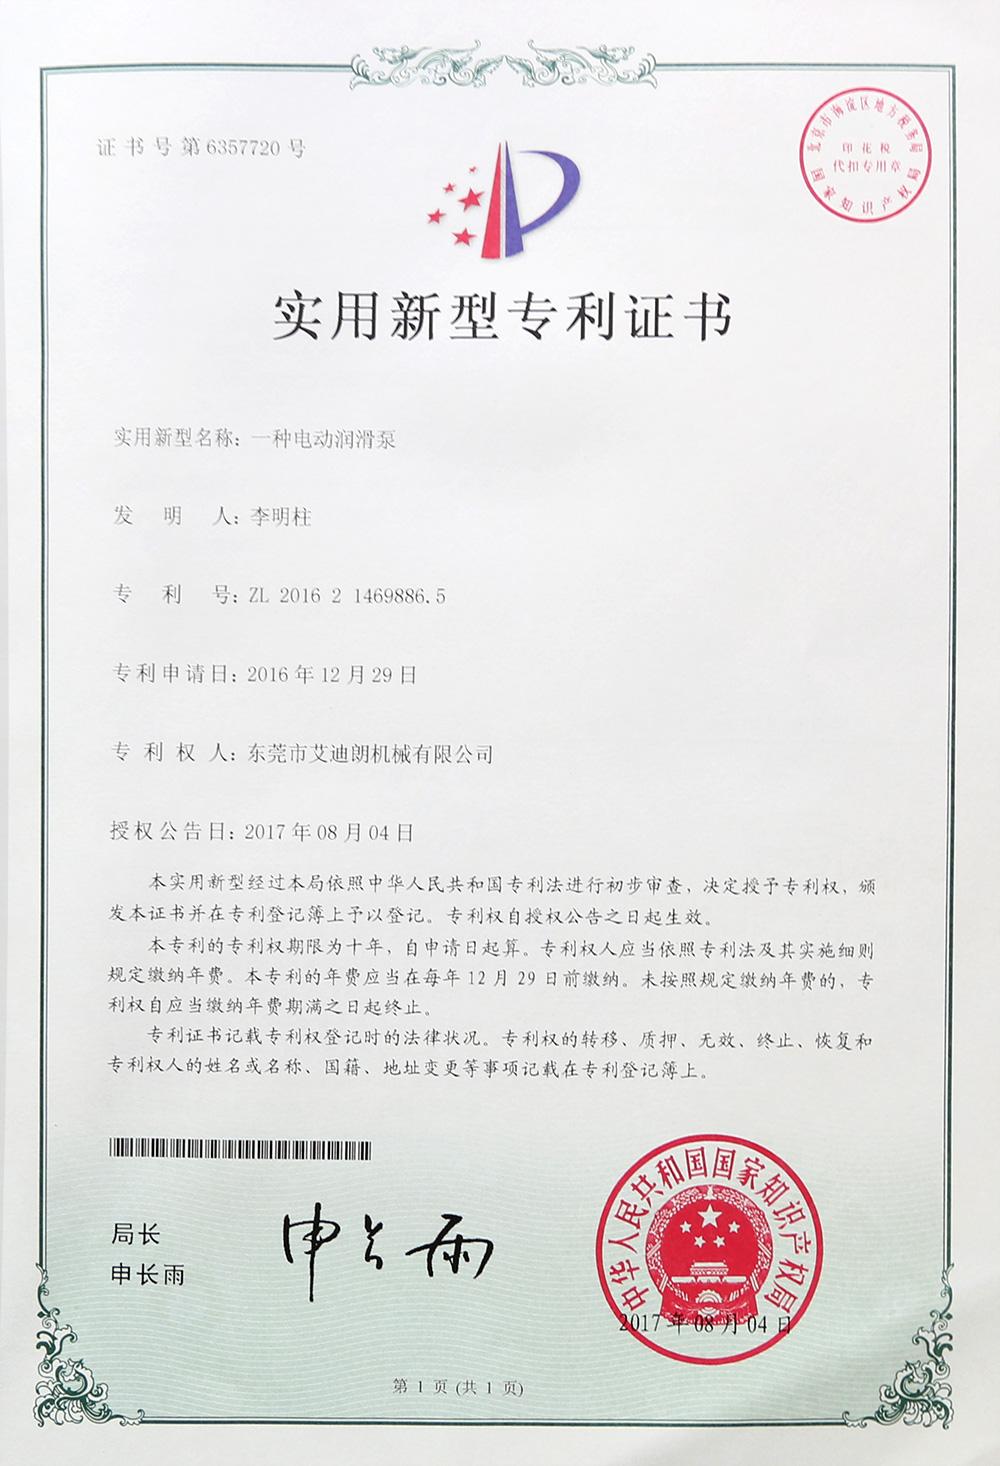 技术专利 (6)